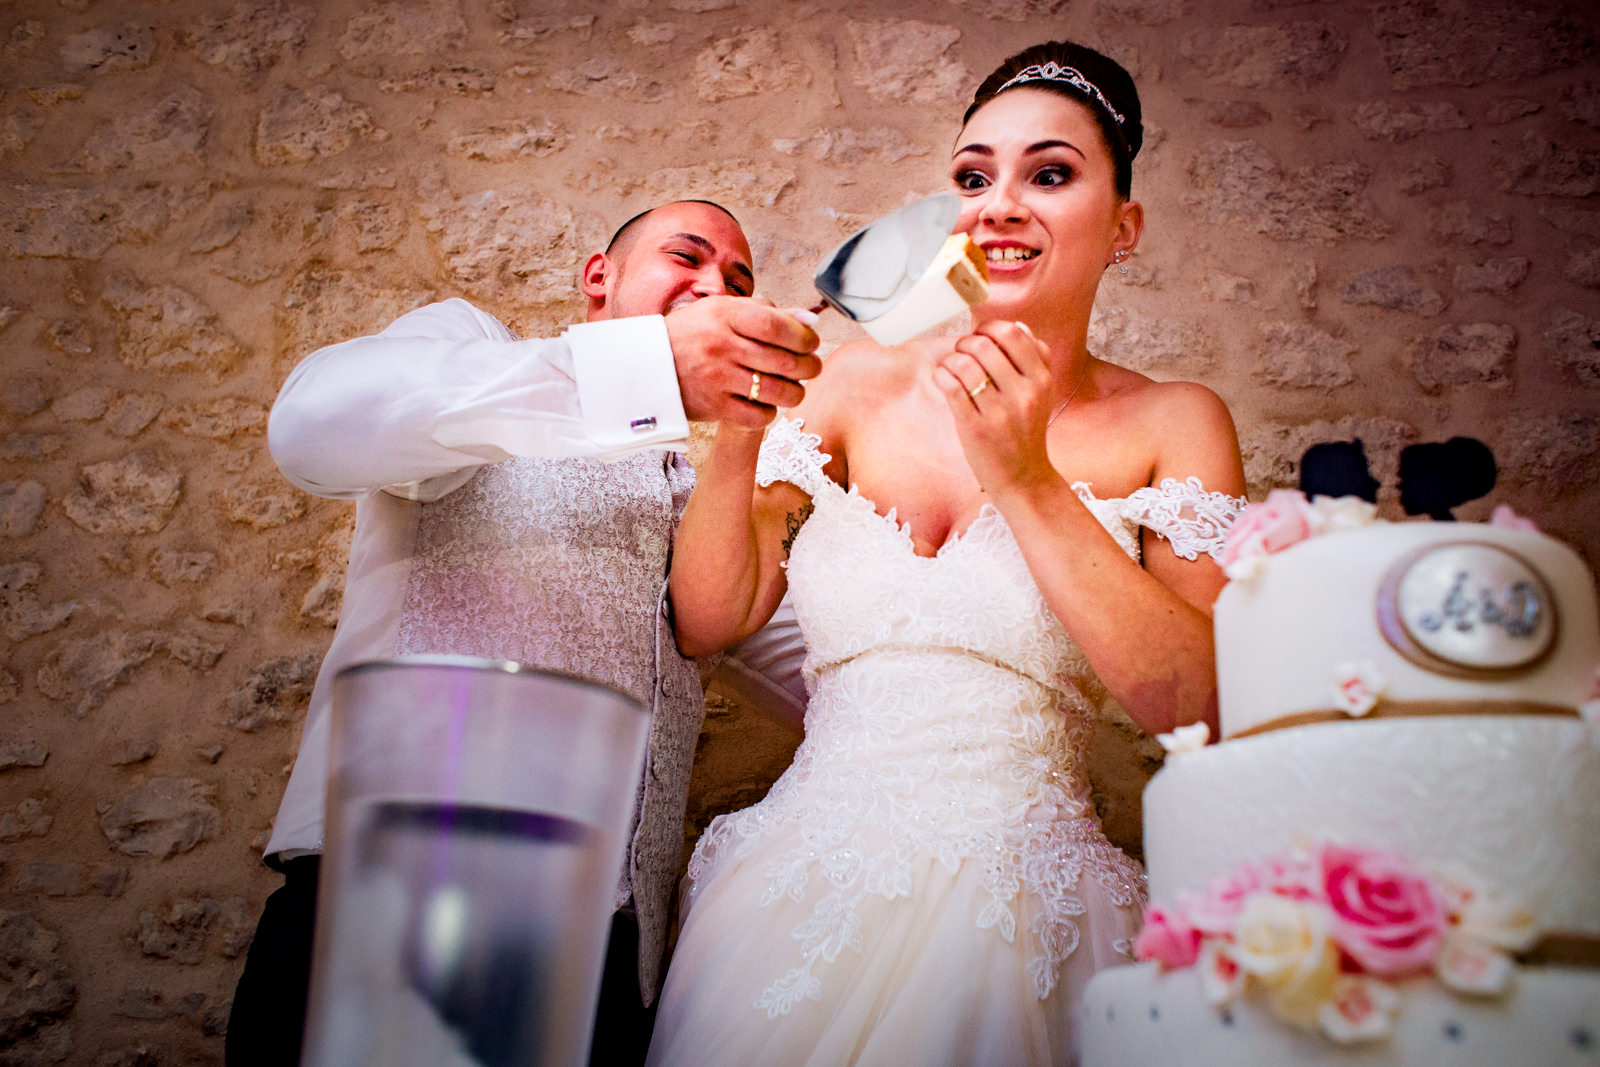 Kuchenanschnitt bei einer Hochzeit im Sandhof in Heidesheim bei Mainz fotografiert von Hochzeitsfotograf Steven Herrschaft aus Wiesbaden